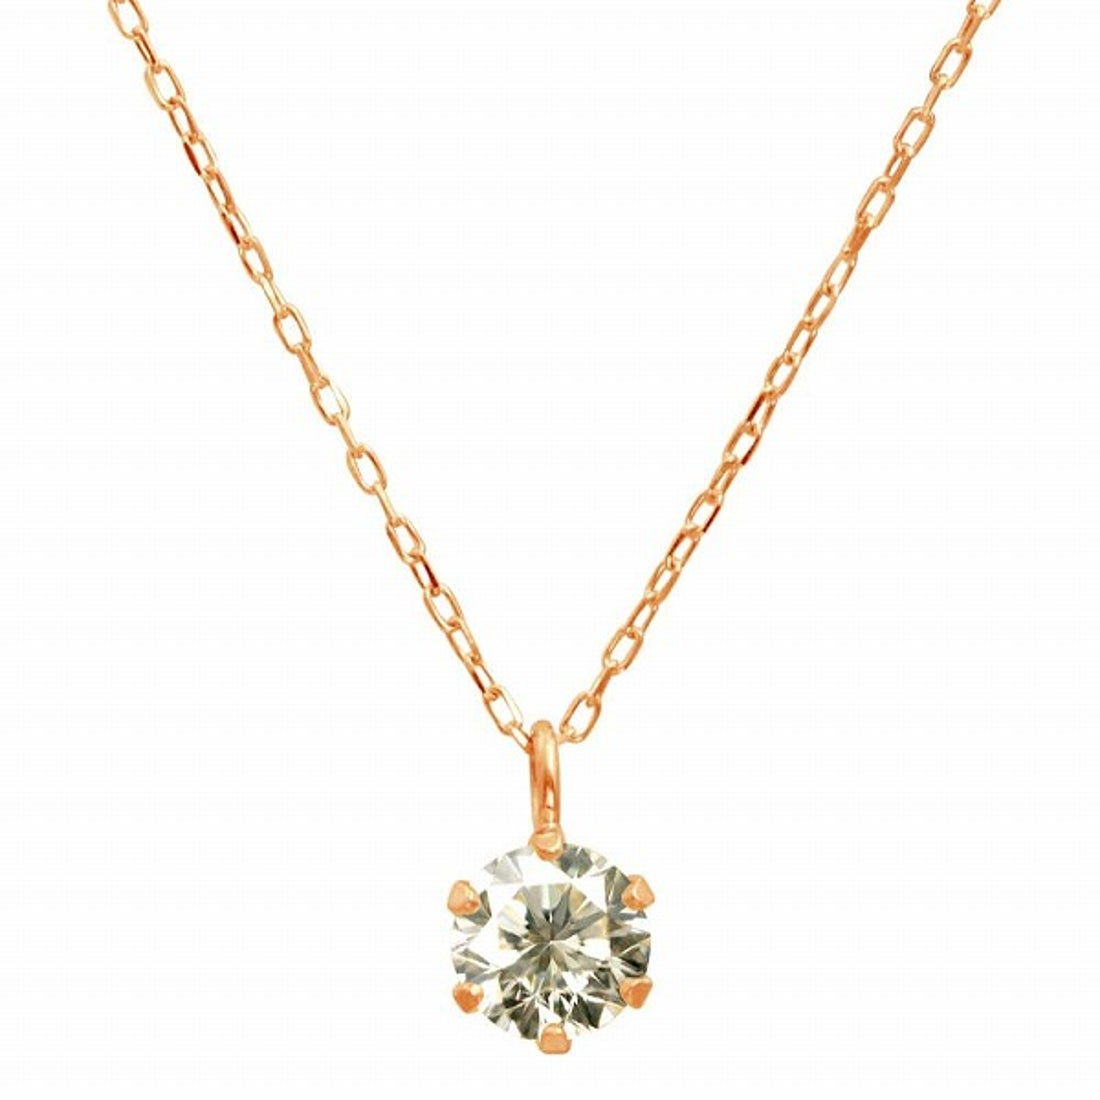 ジュエリーコレクション【ネット限定】K18ゴールド 天然ダイヤモンド 0.3ct SIクラス ネックレス 鑑定書付 【K18PG あずき40cm】【返品不可商品】